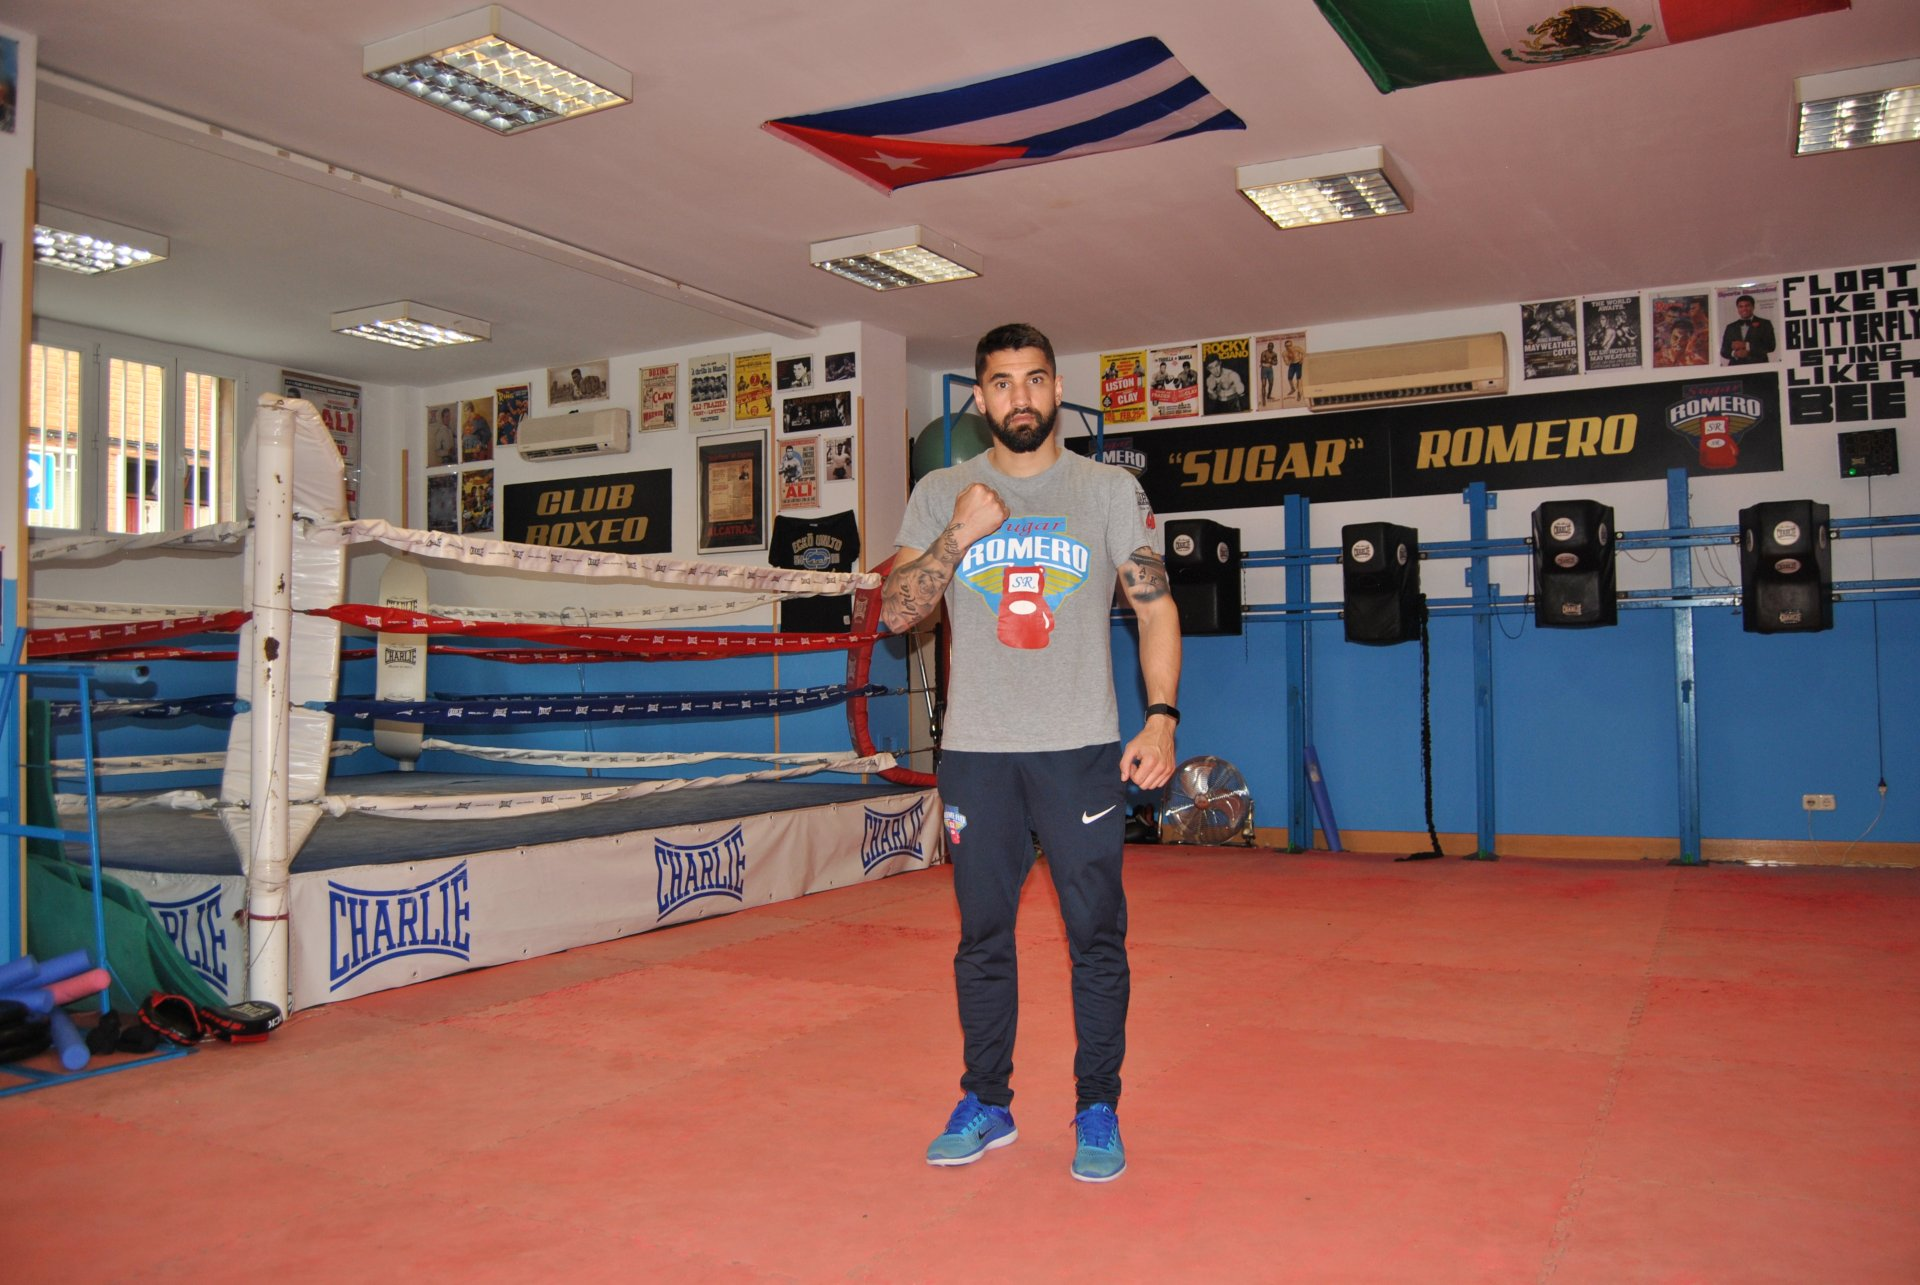 n - r Sergio Sugar Romero, en su club de boxeo.